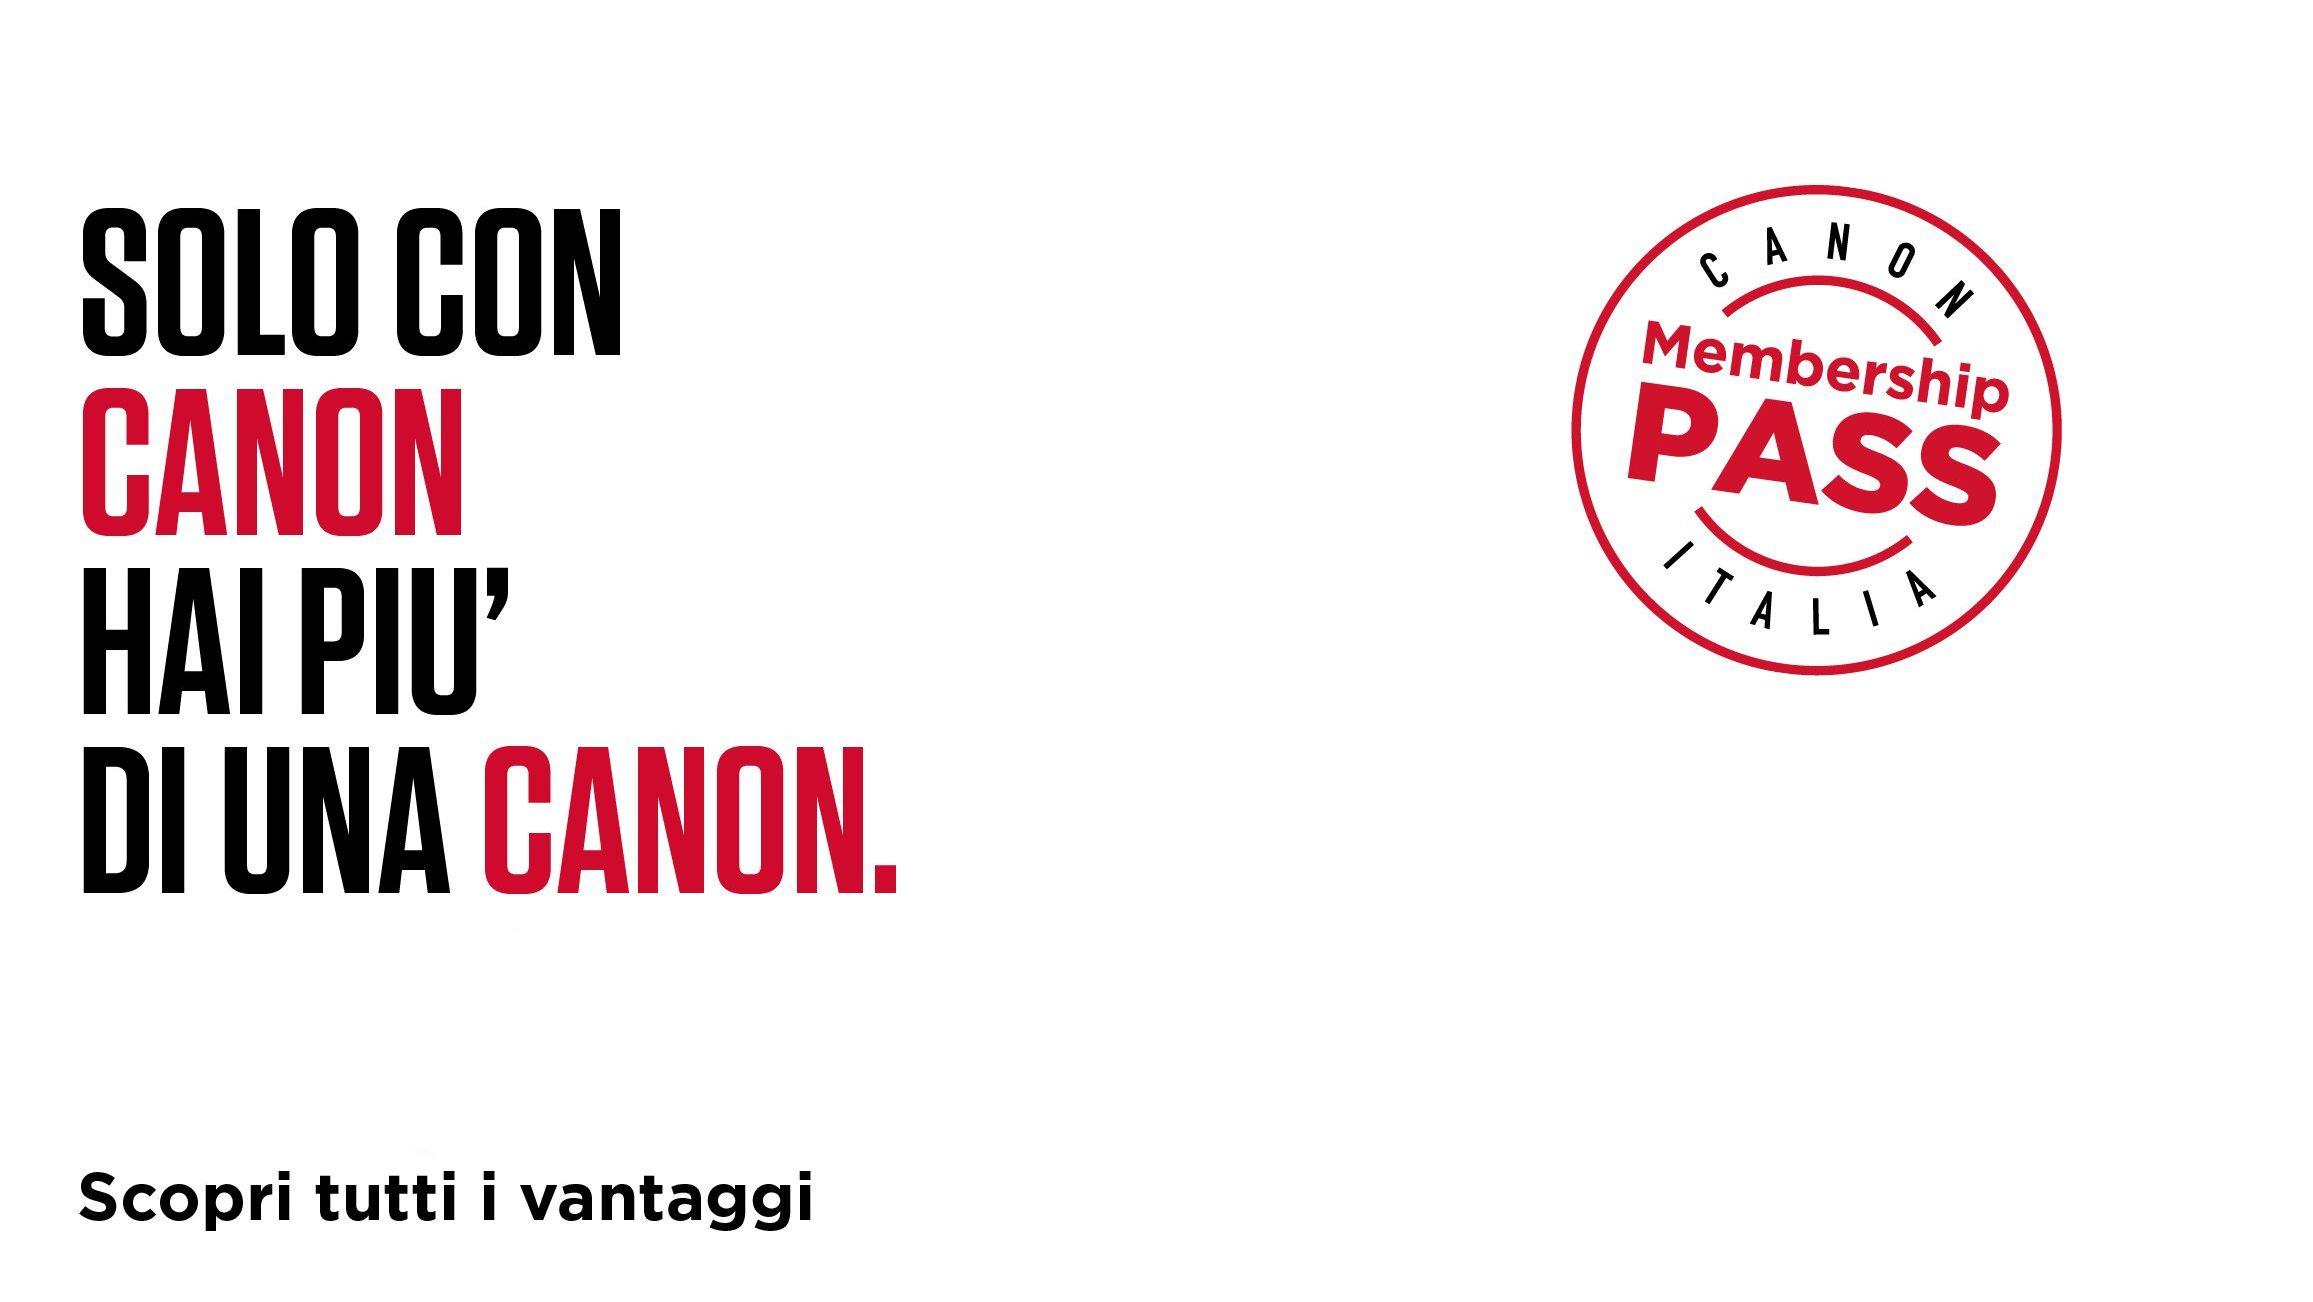 Canon Italia è leader nella fornitura di fotocamere digitali e ... 9e0004687cf